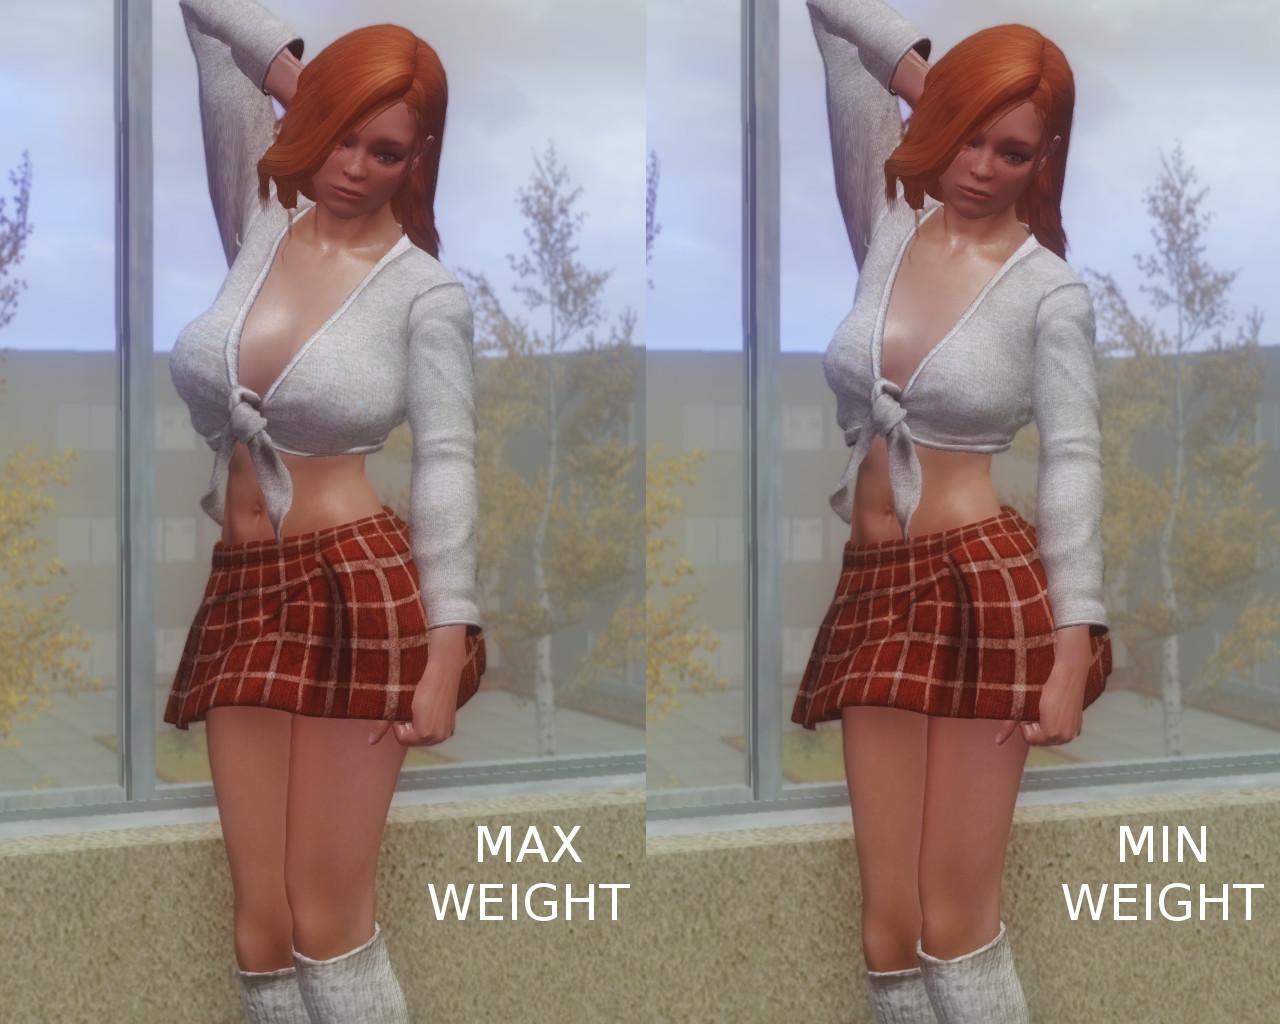 schoolgirl-mashup-02.jpg